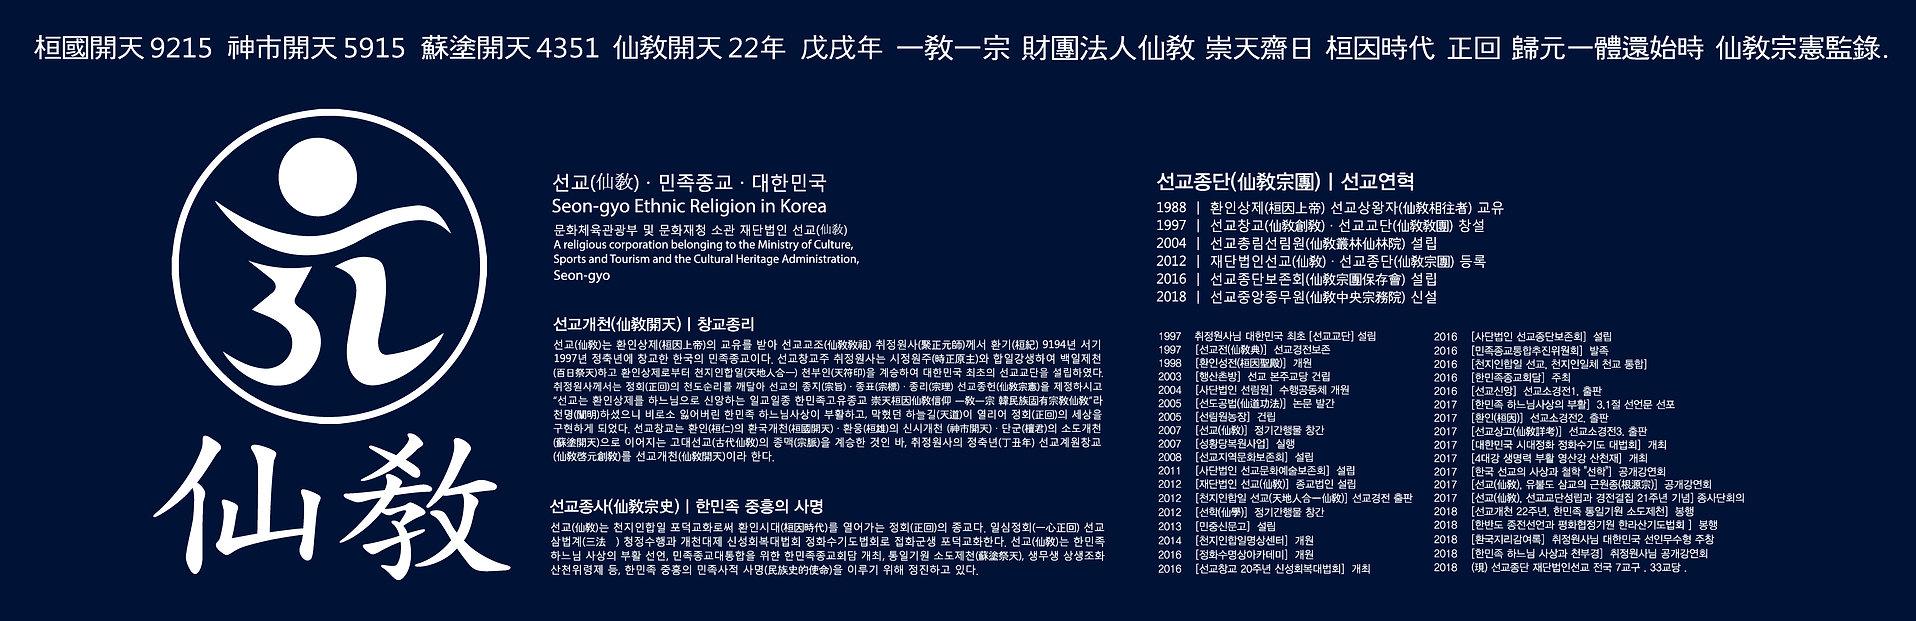 선교연혁보고회 1.jpg